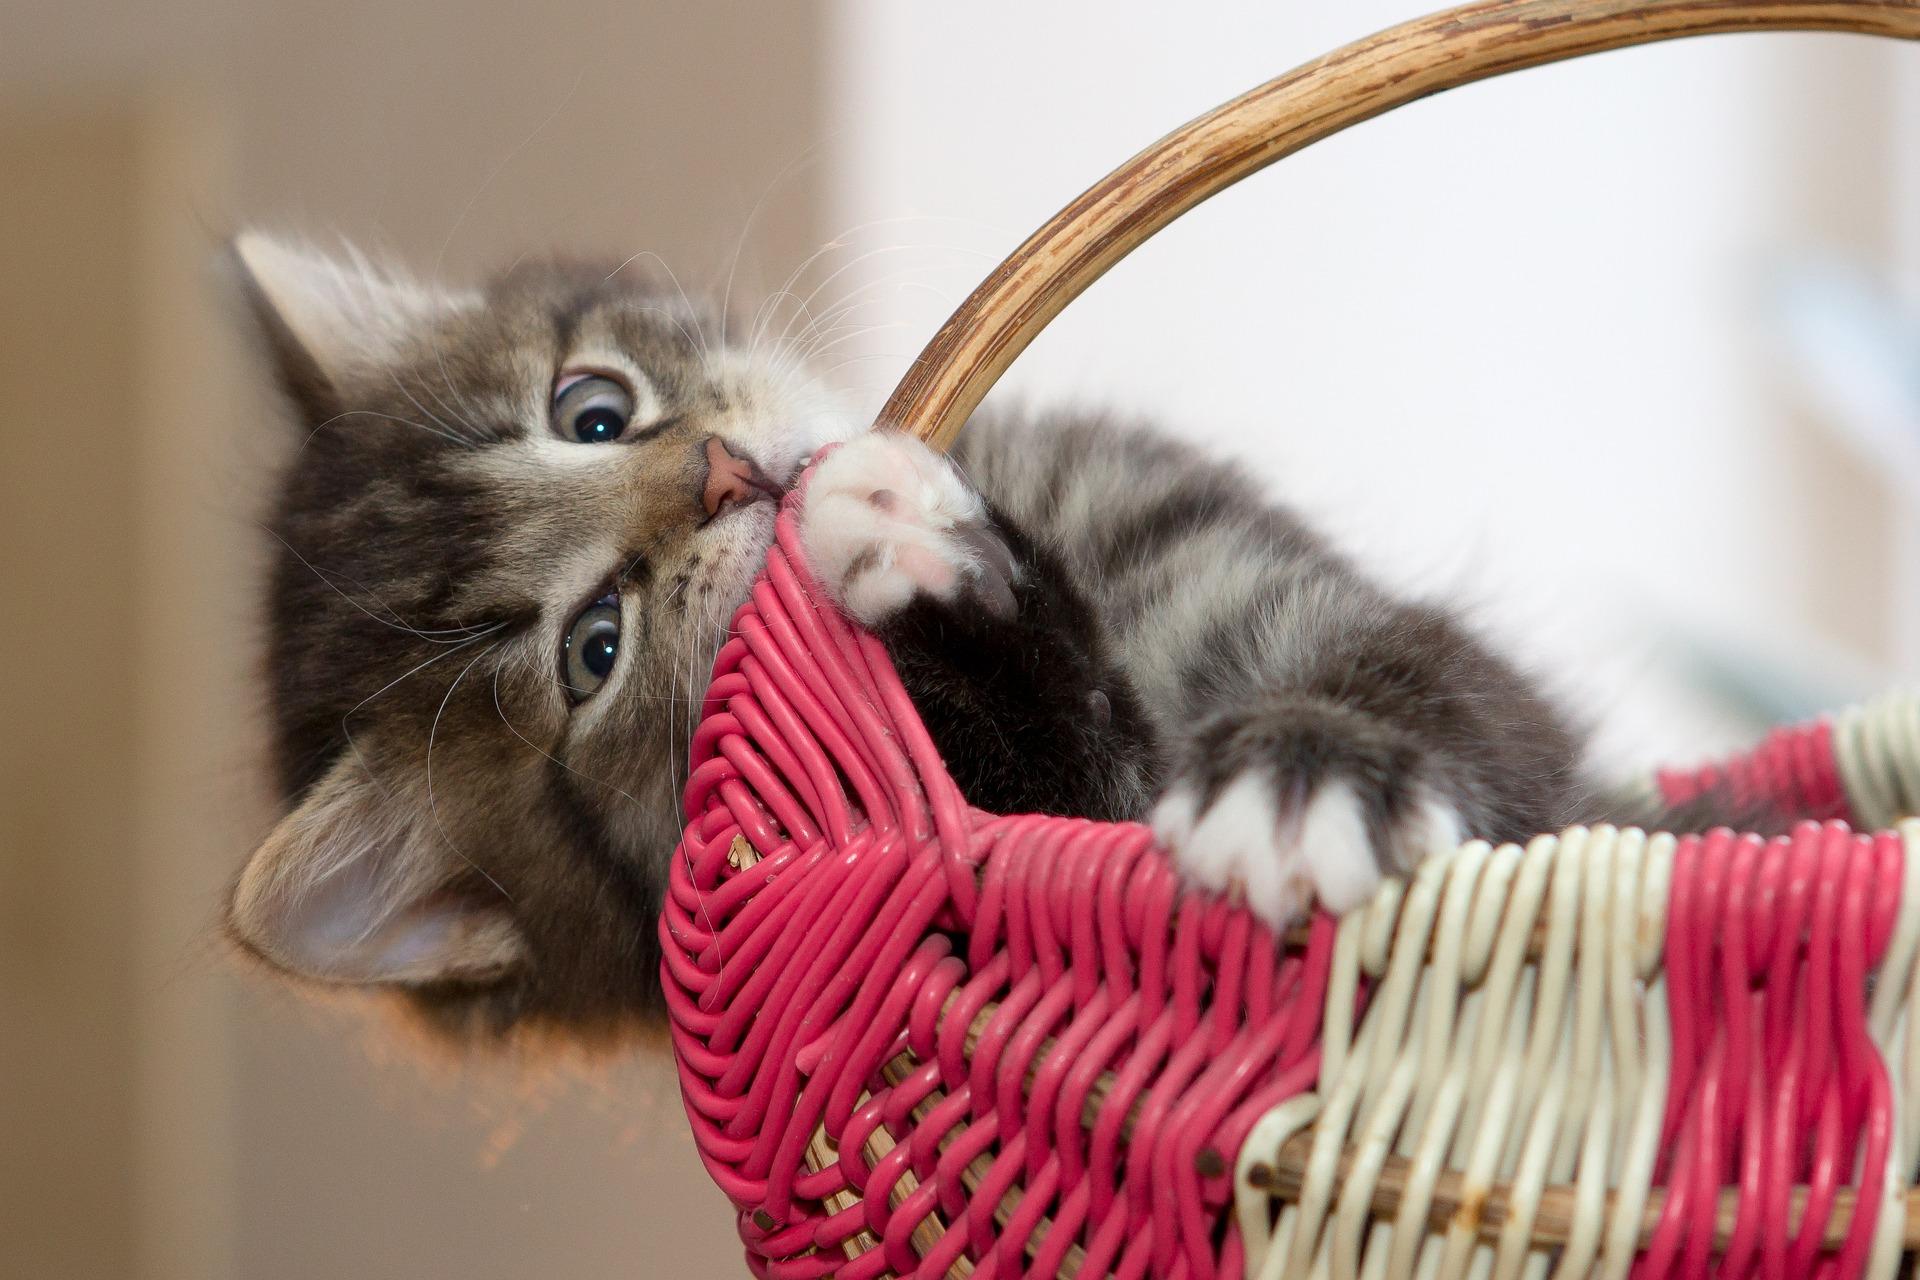 download wallpaper: kitten hangt aan een mand wallpaper